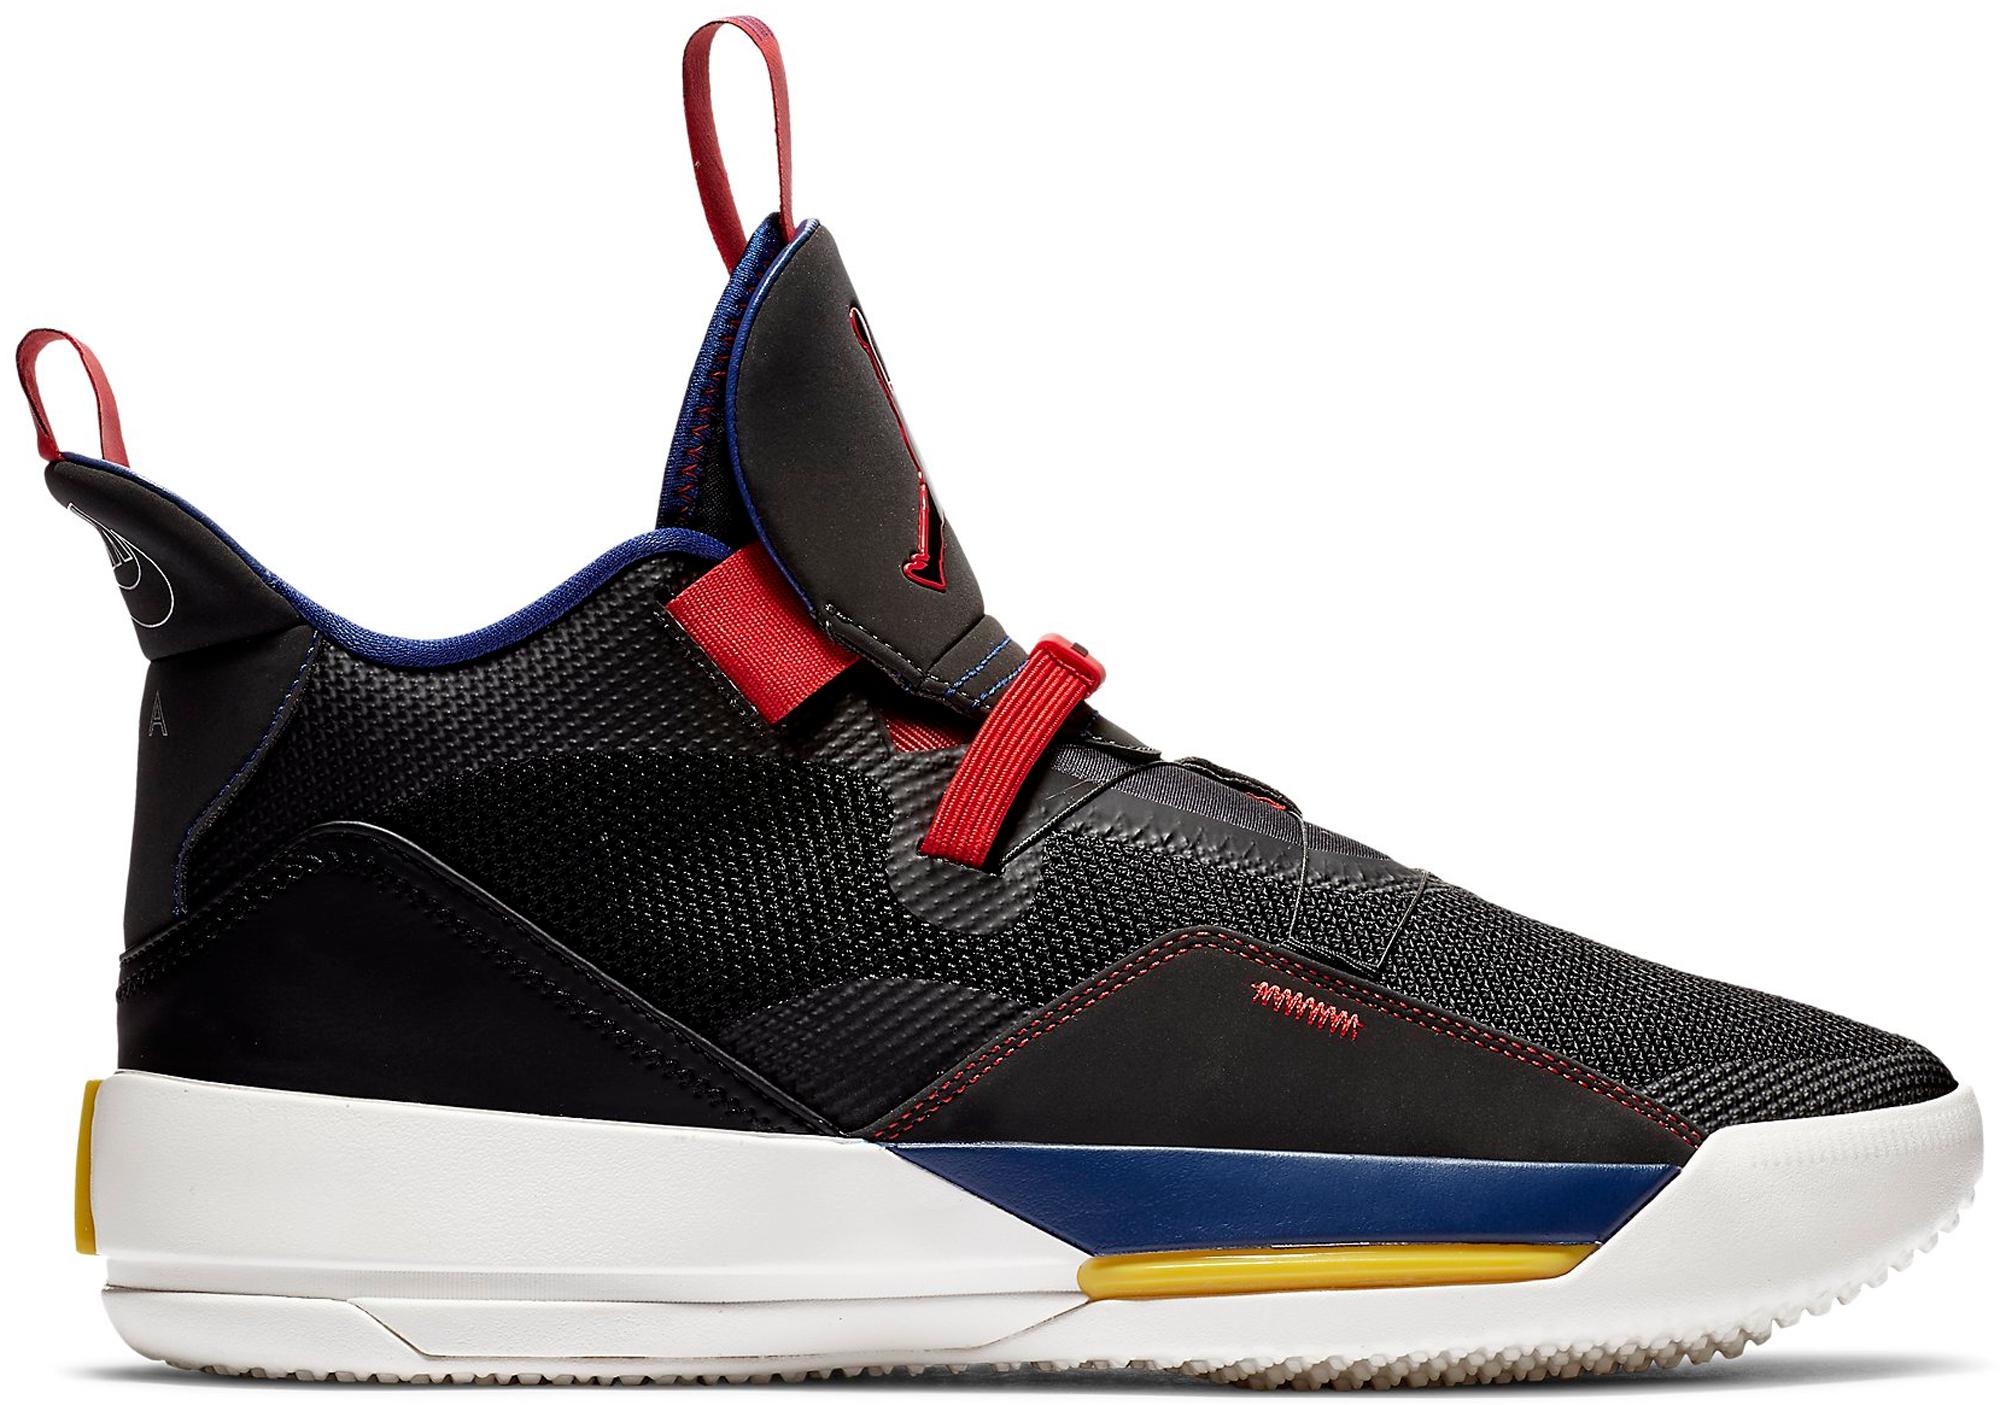 Jordan XXXIII Tech Pack (China Release)